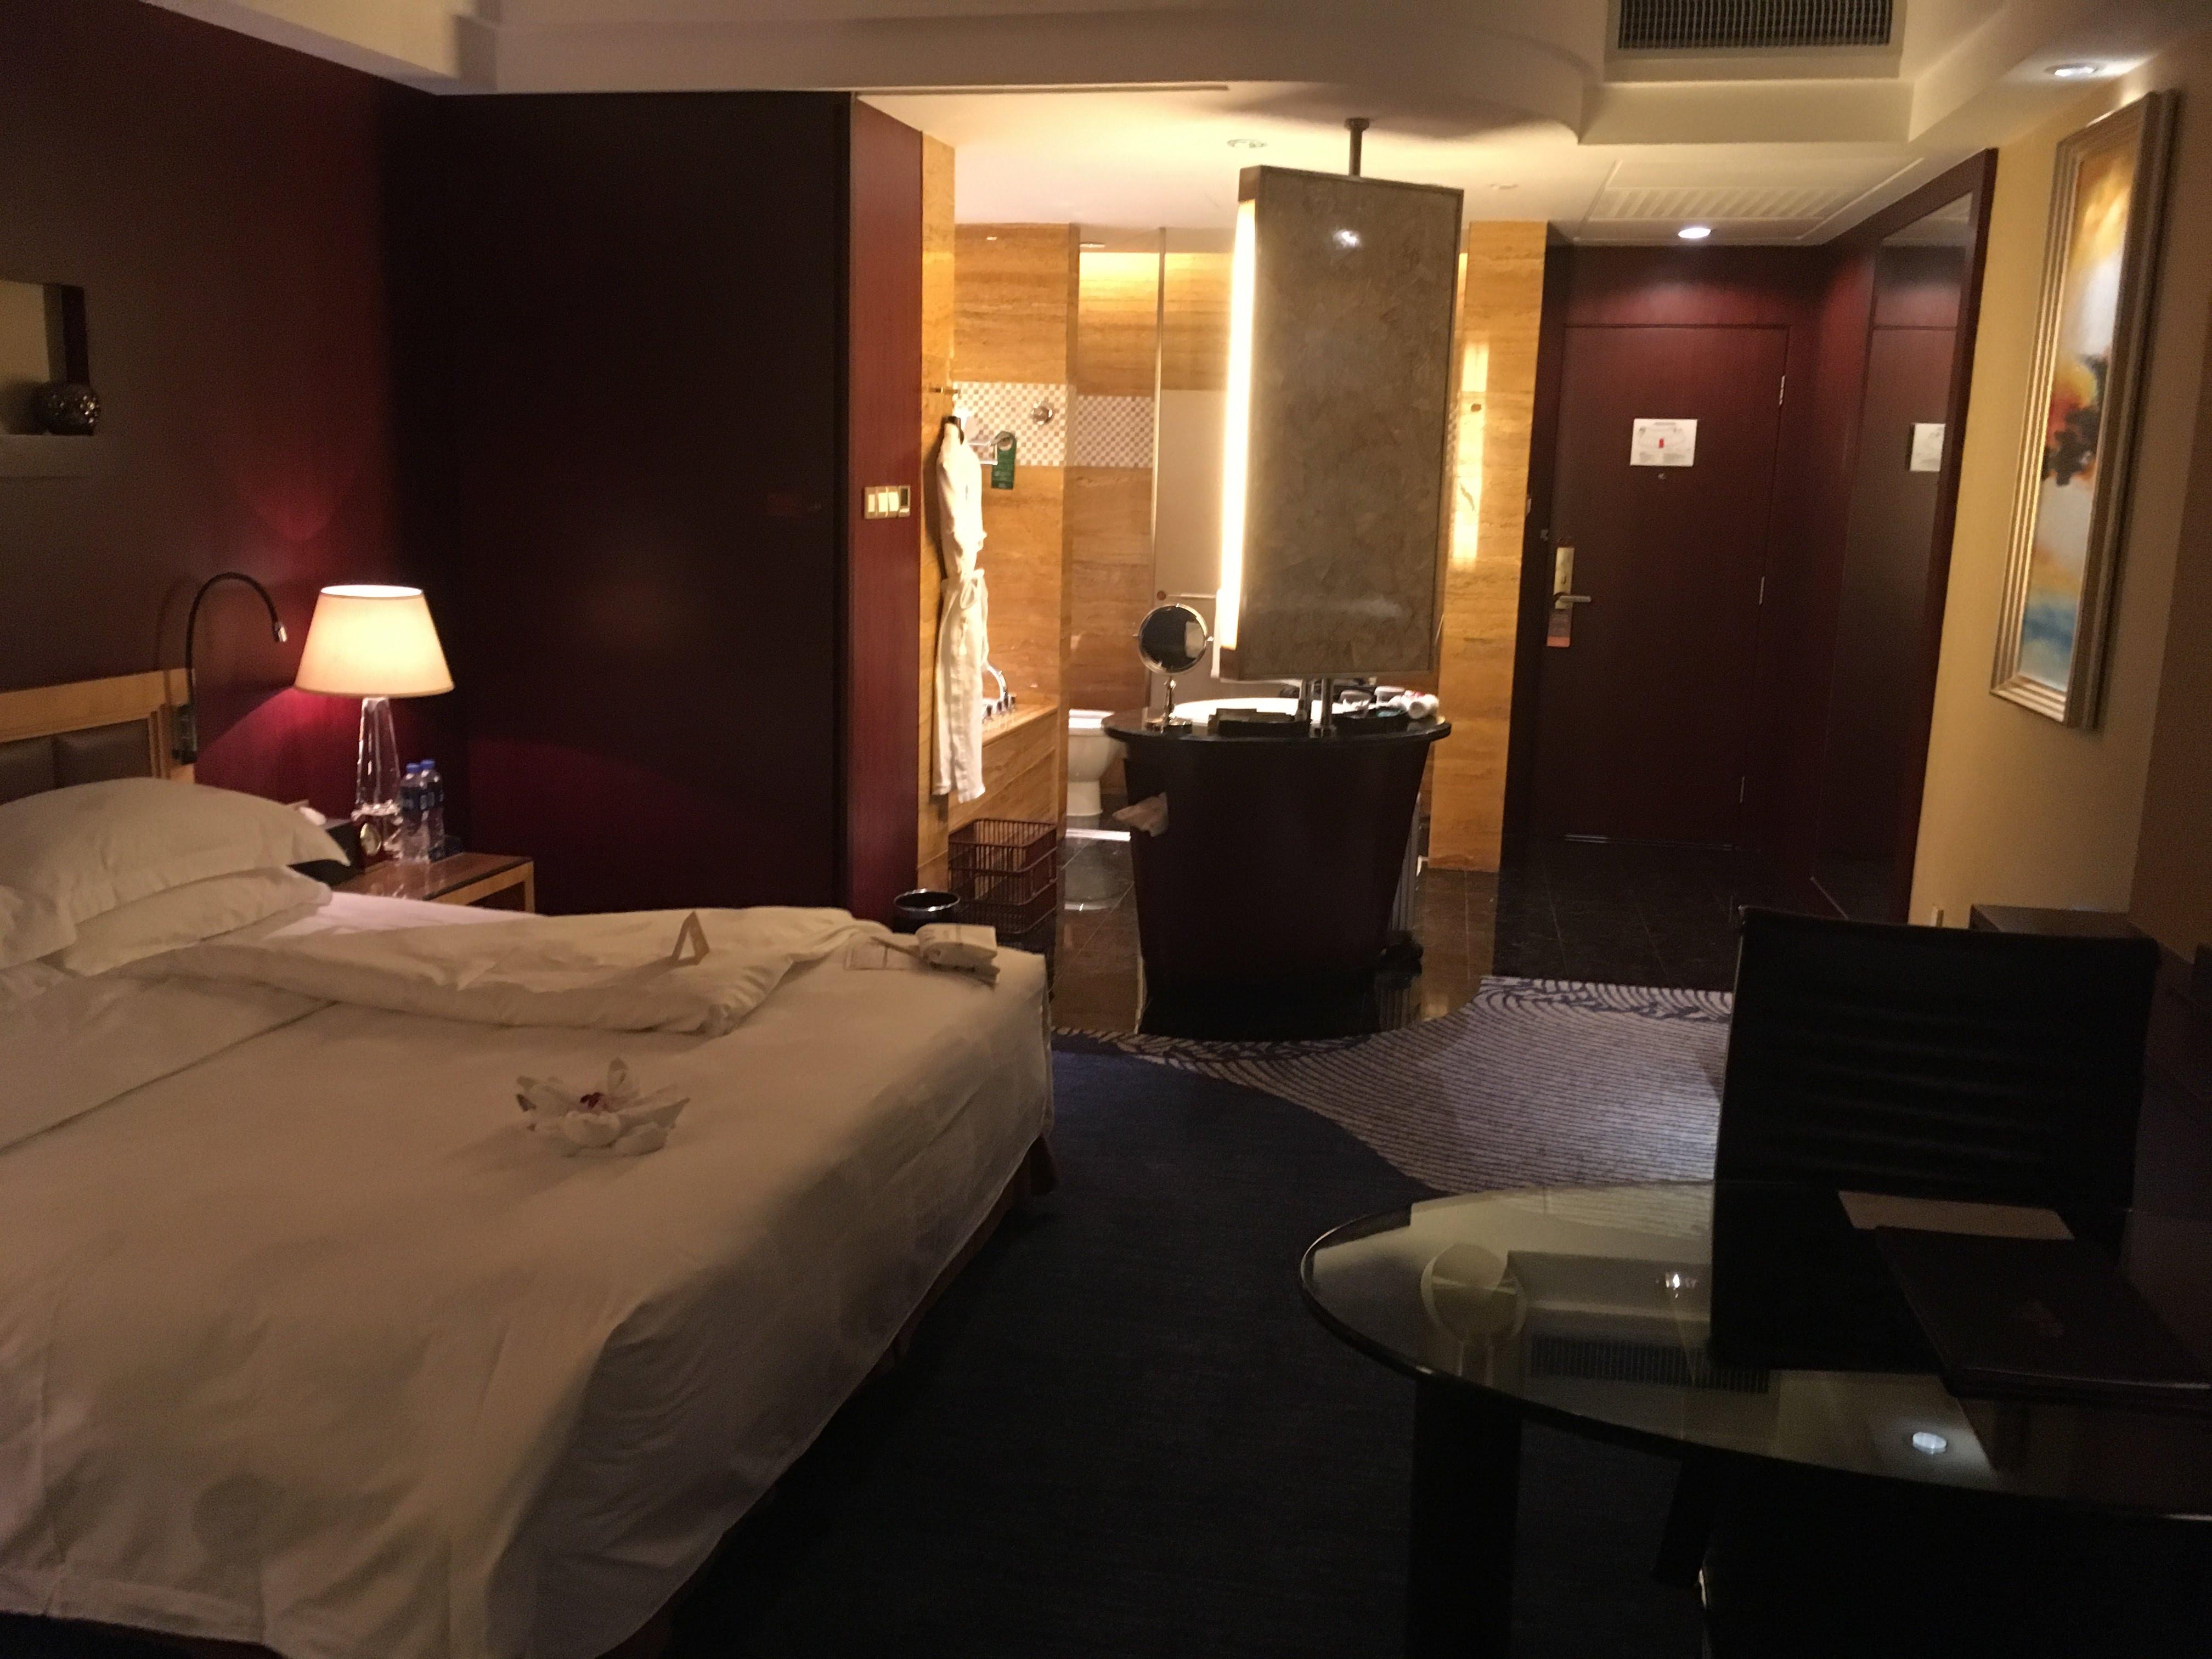 ジュハイチャーミングホリディホテル(珠海来魅力暇日酒店)